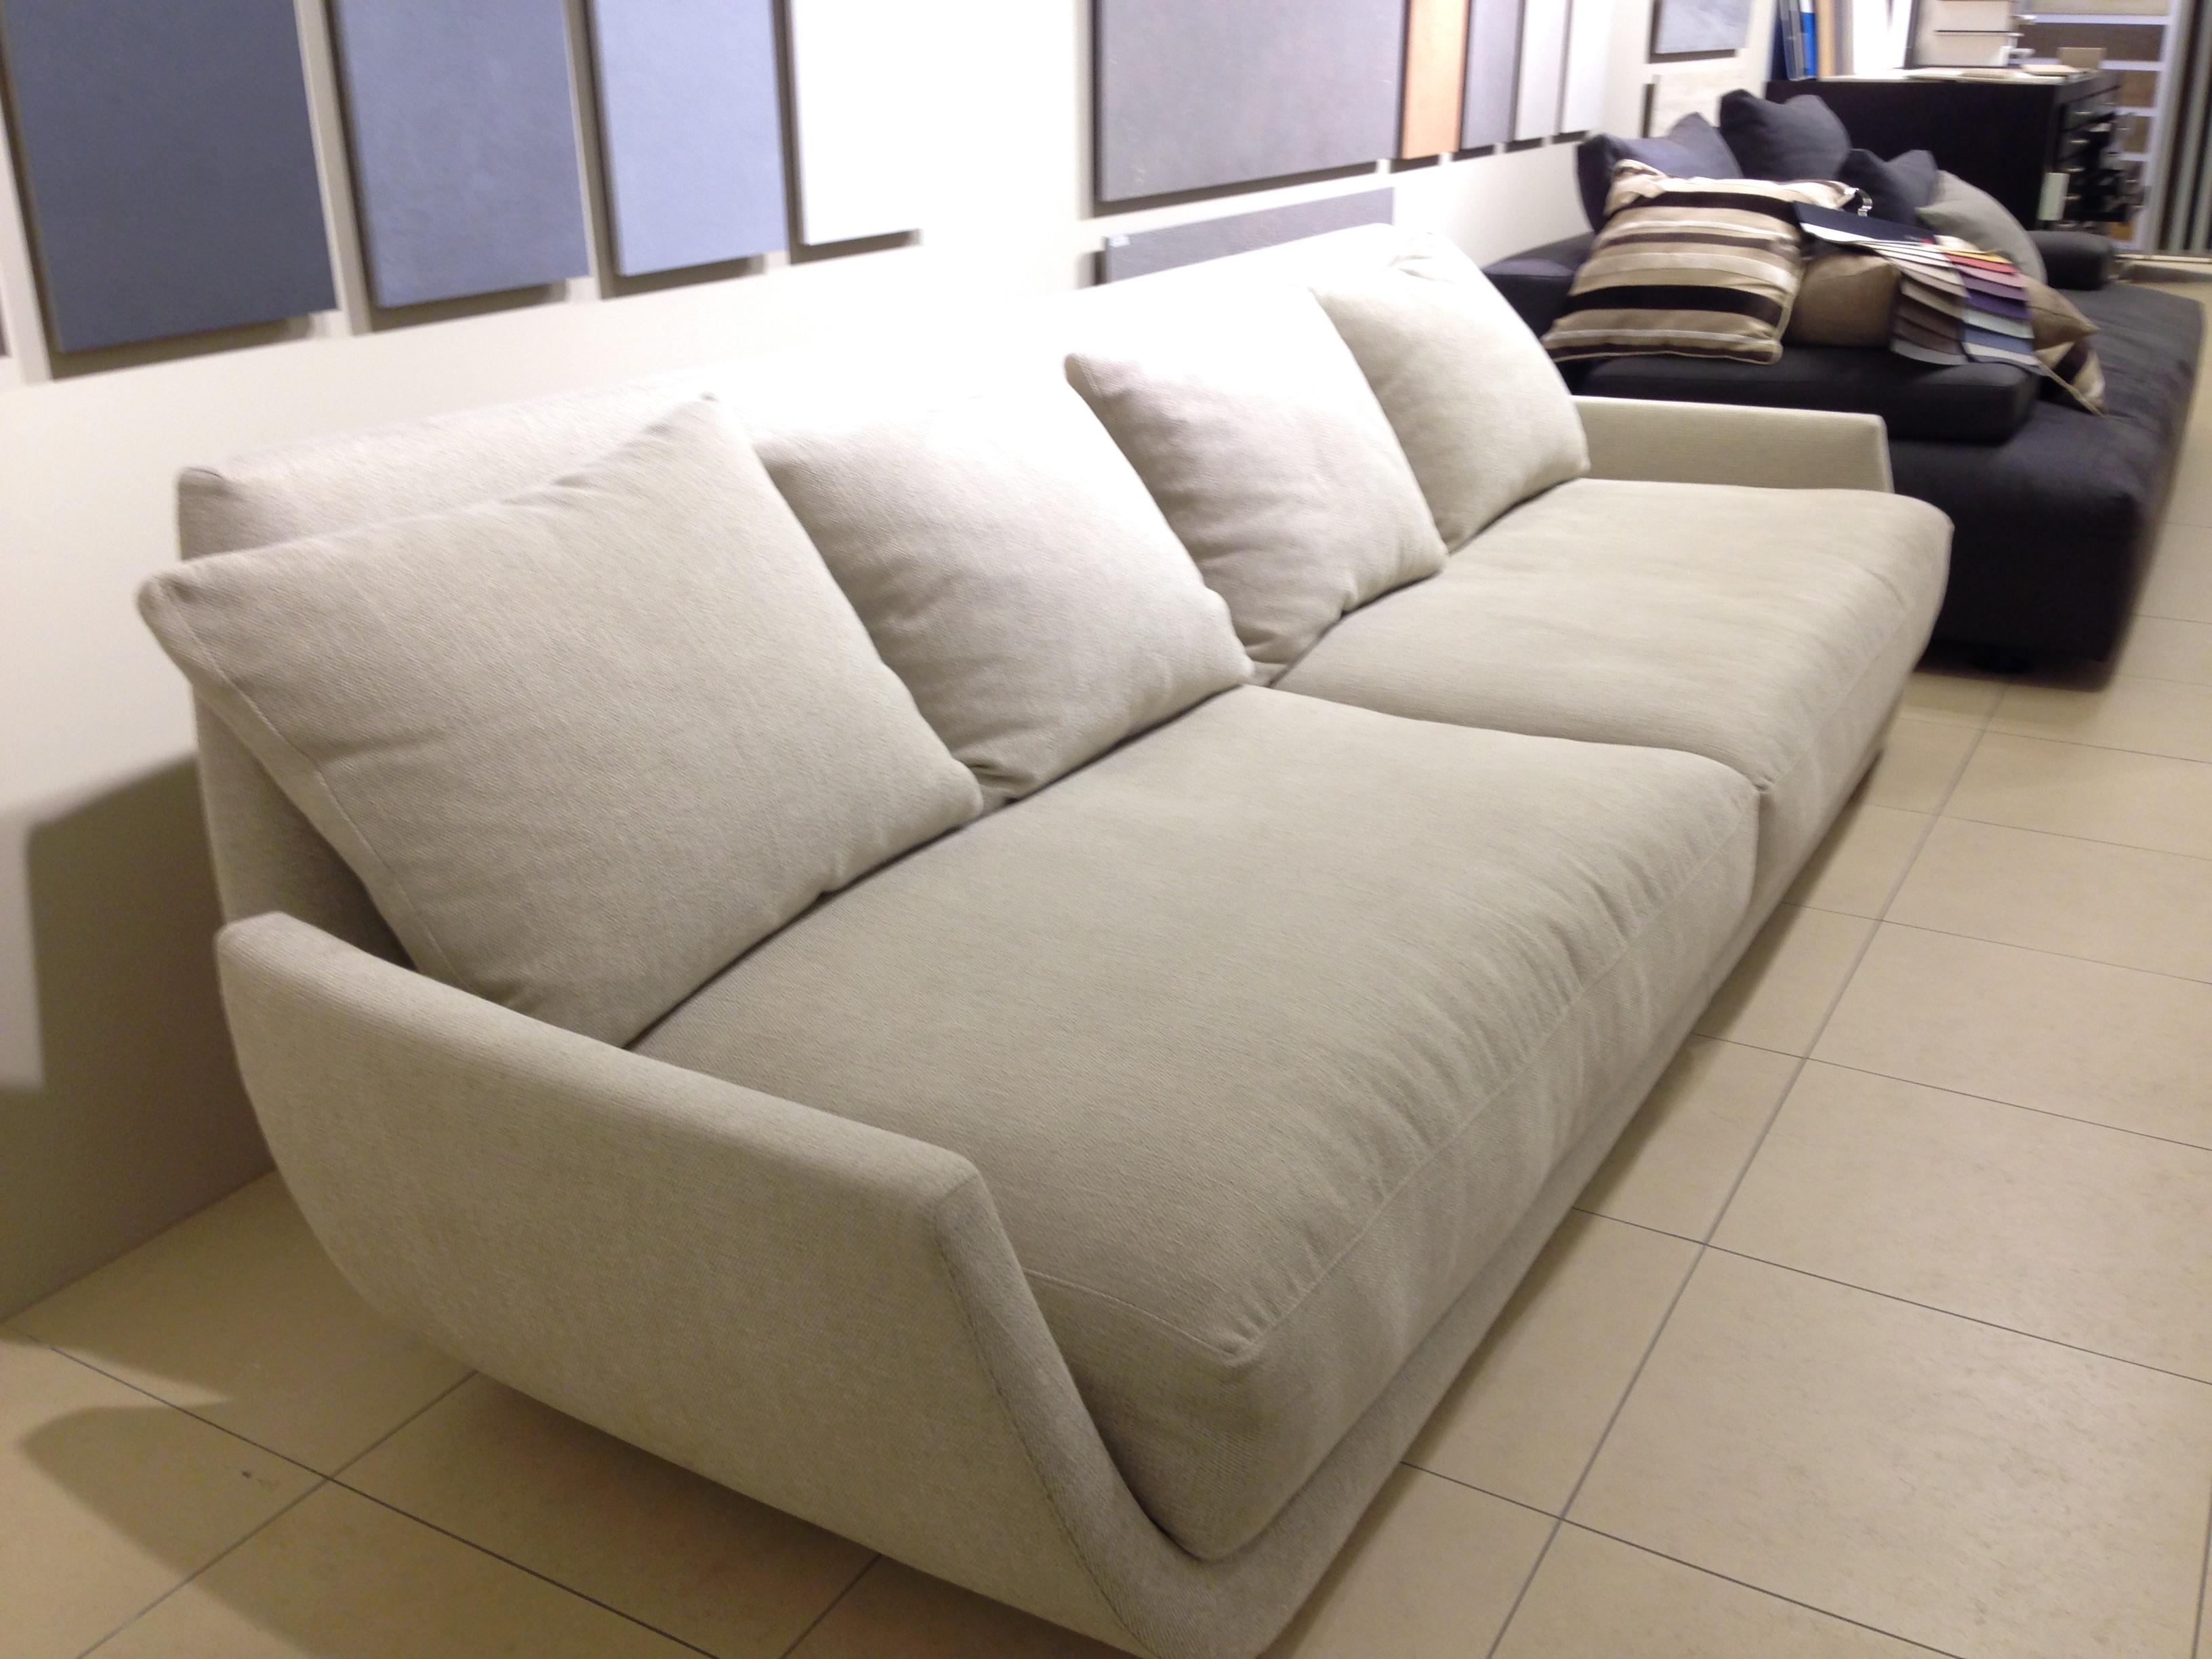 Divano desiree in offerta divani a prezzi scontati for Divano 4 posti